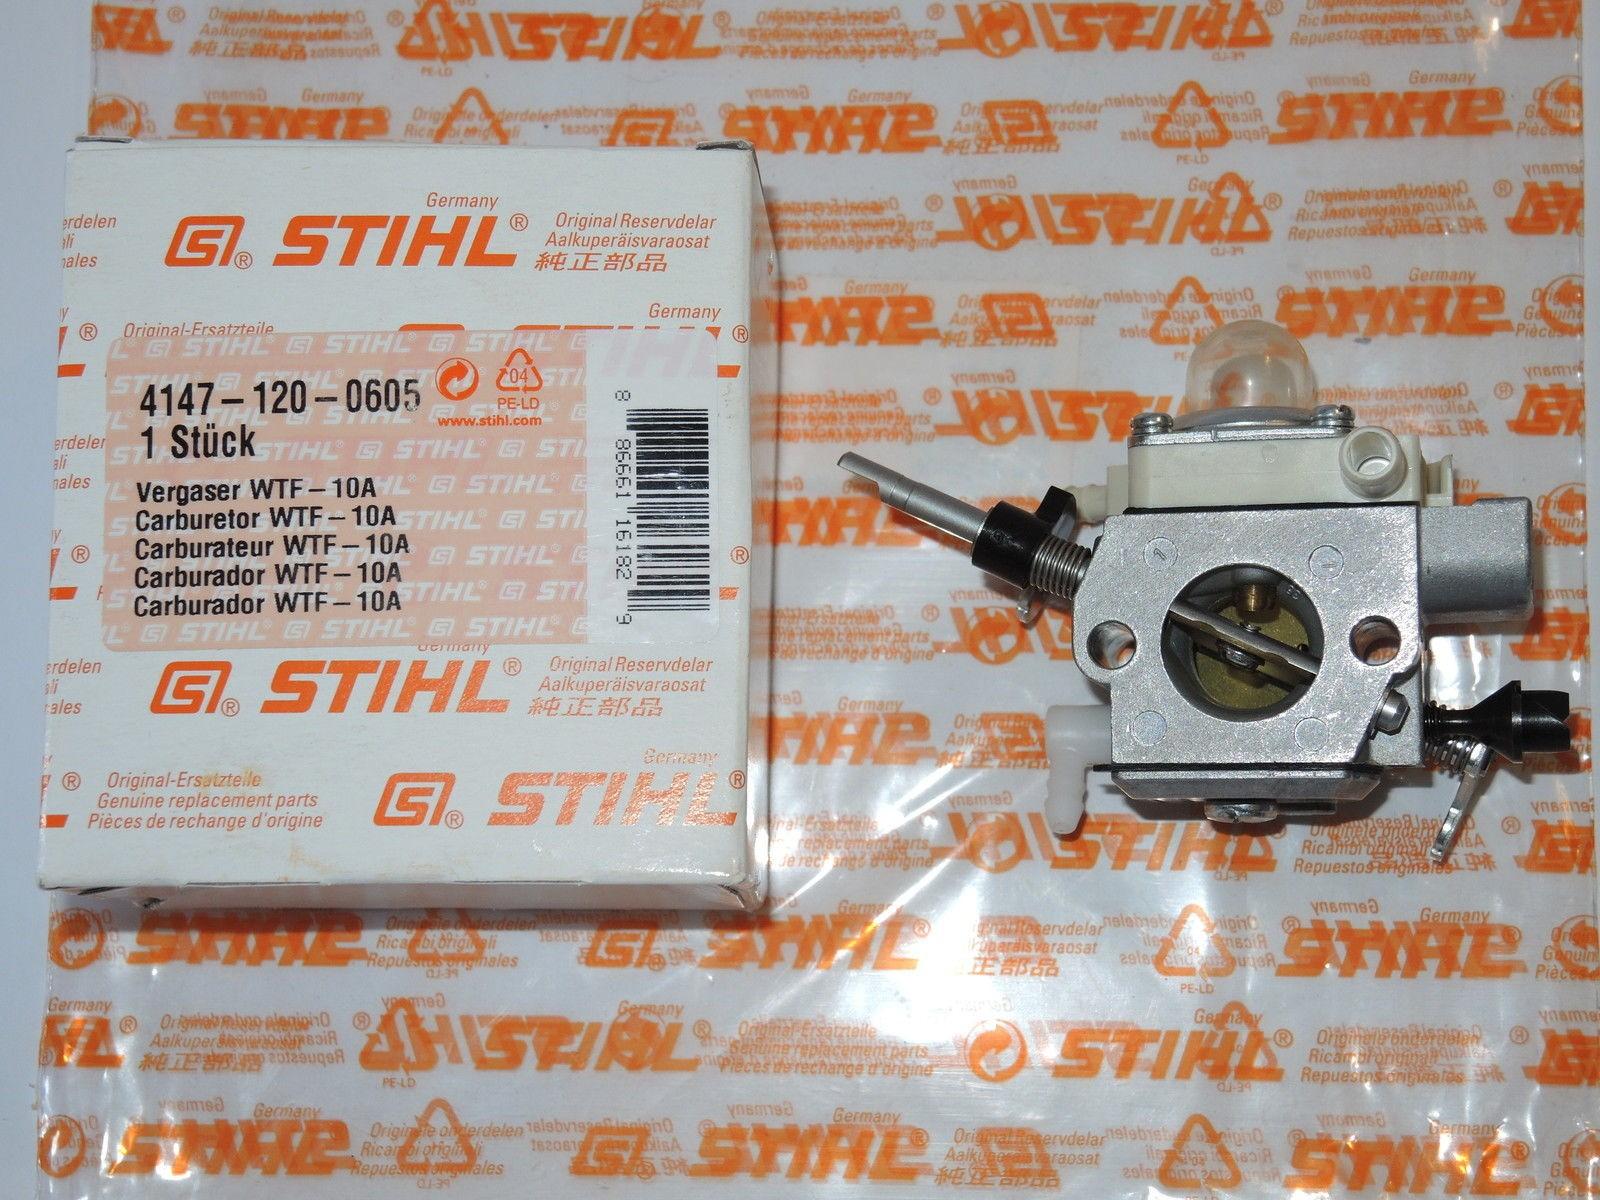 340 360 361 nuevo original 460 390 Elastostart para still 044 ms290 310